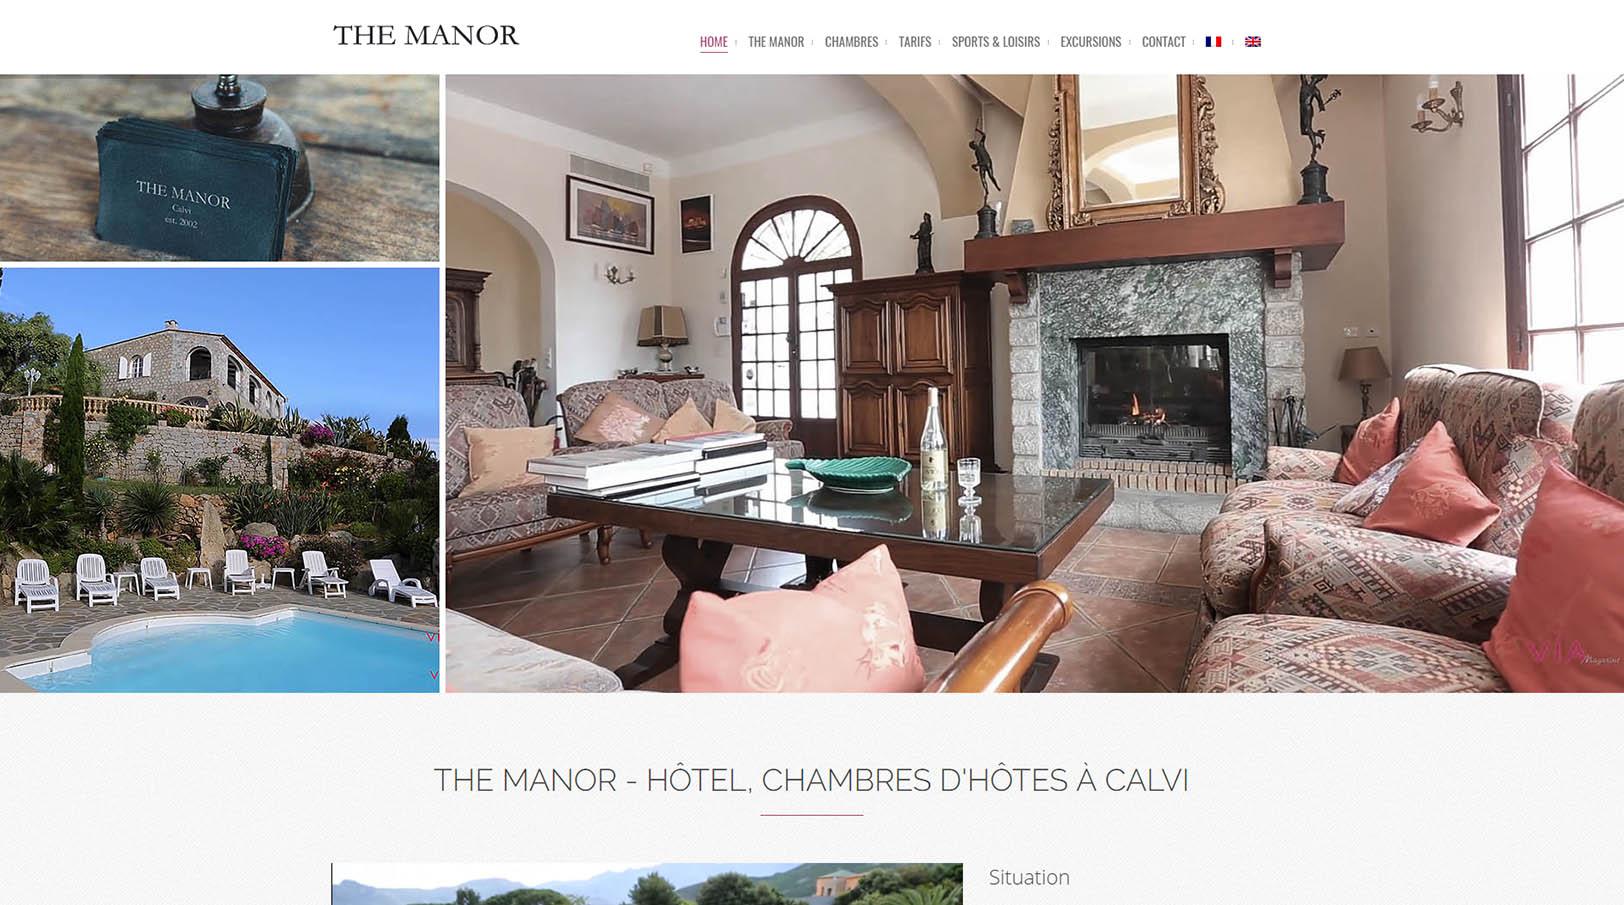 THE MANOR - Chambres d'hôtes à Calvi, Hôtel, Piscine